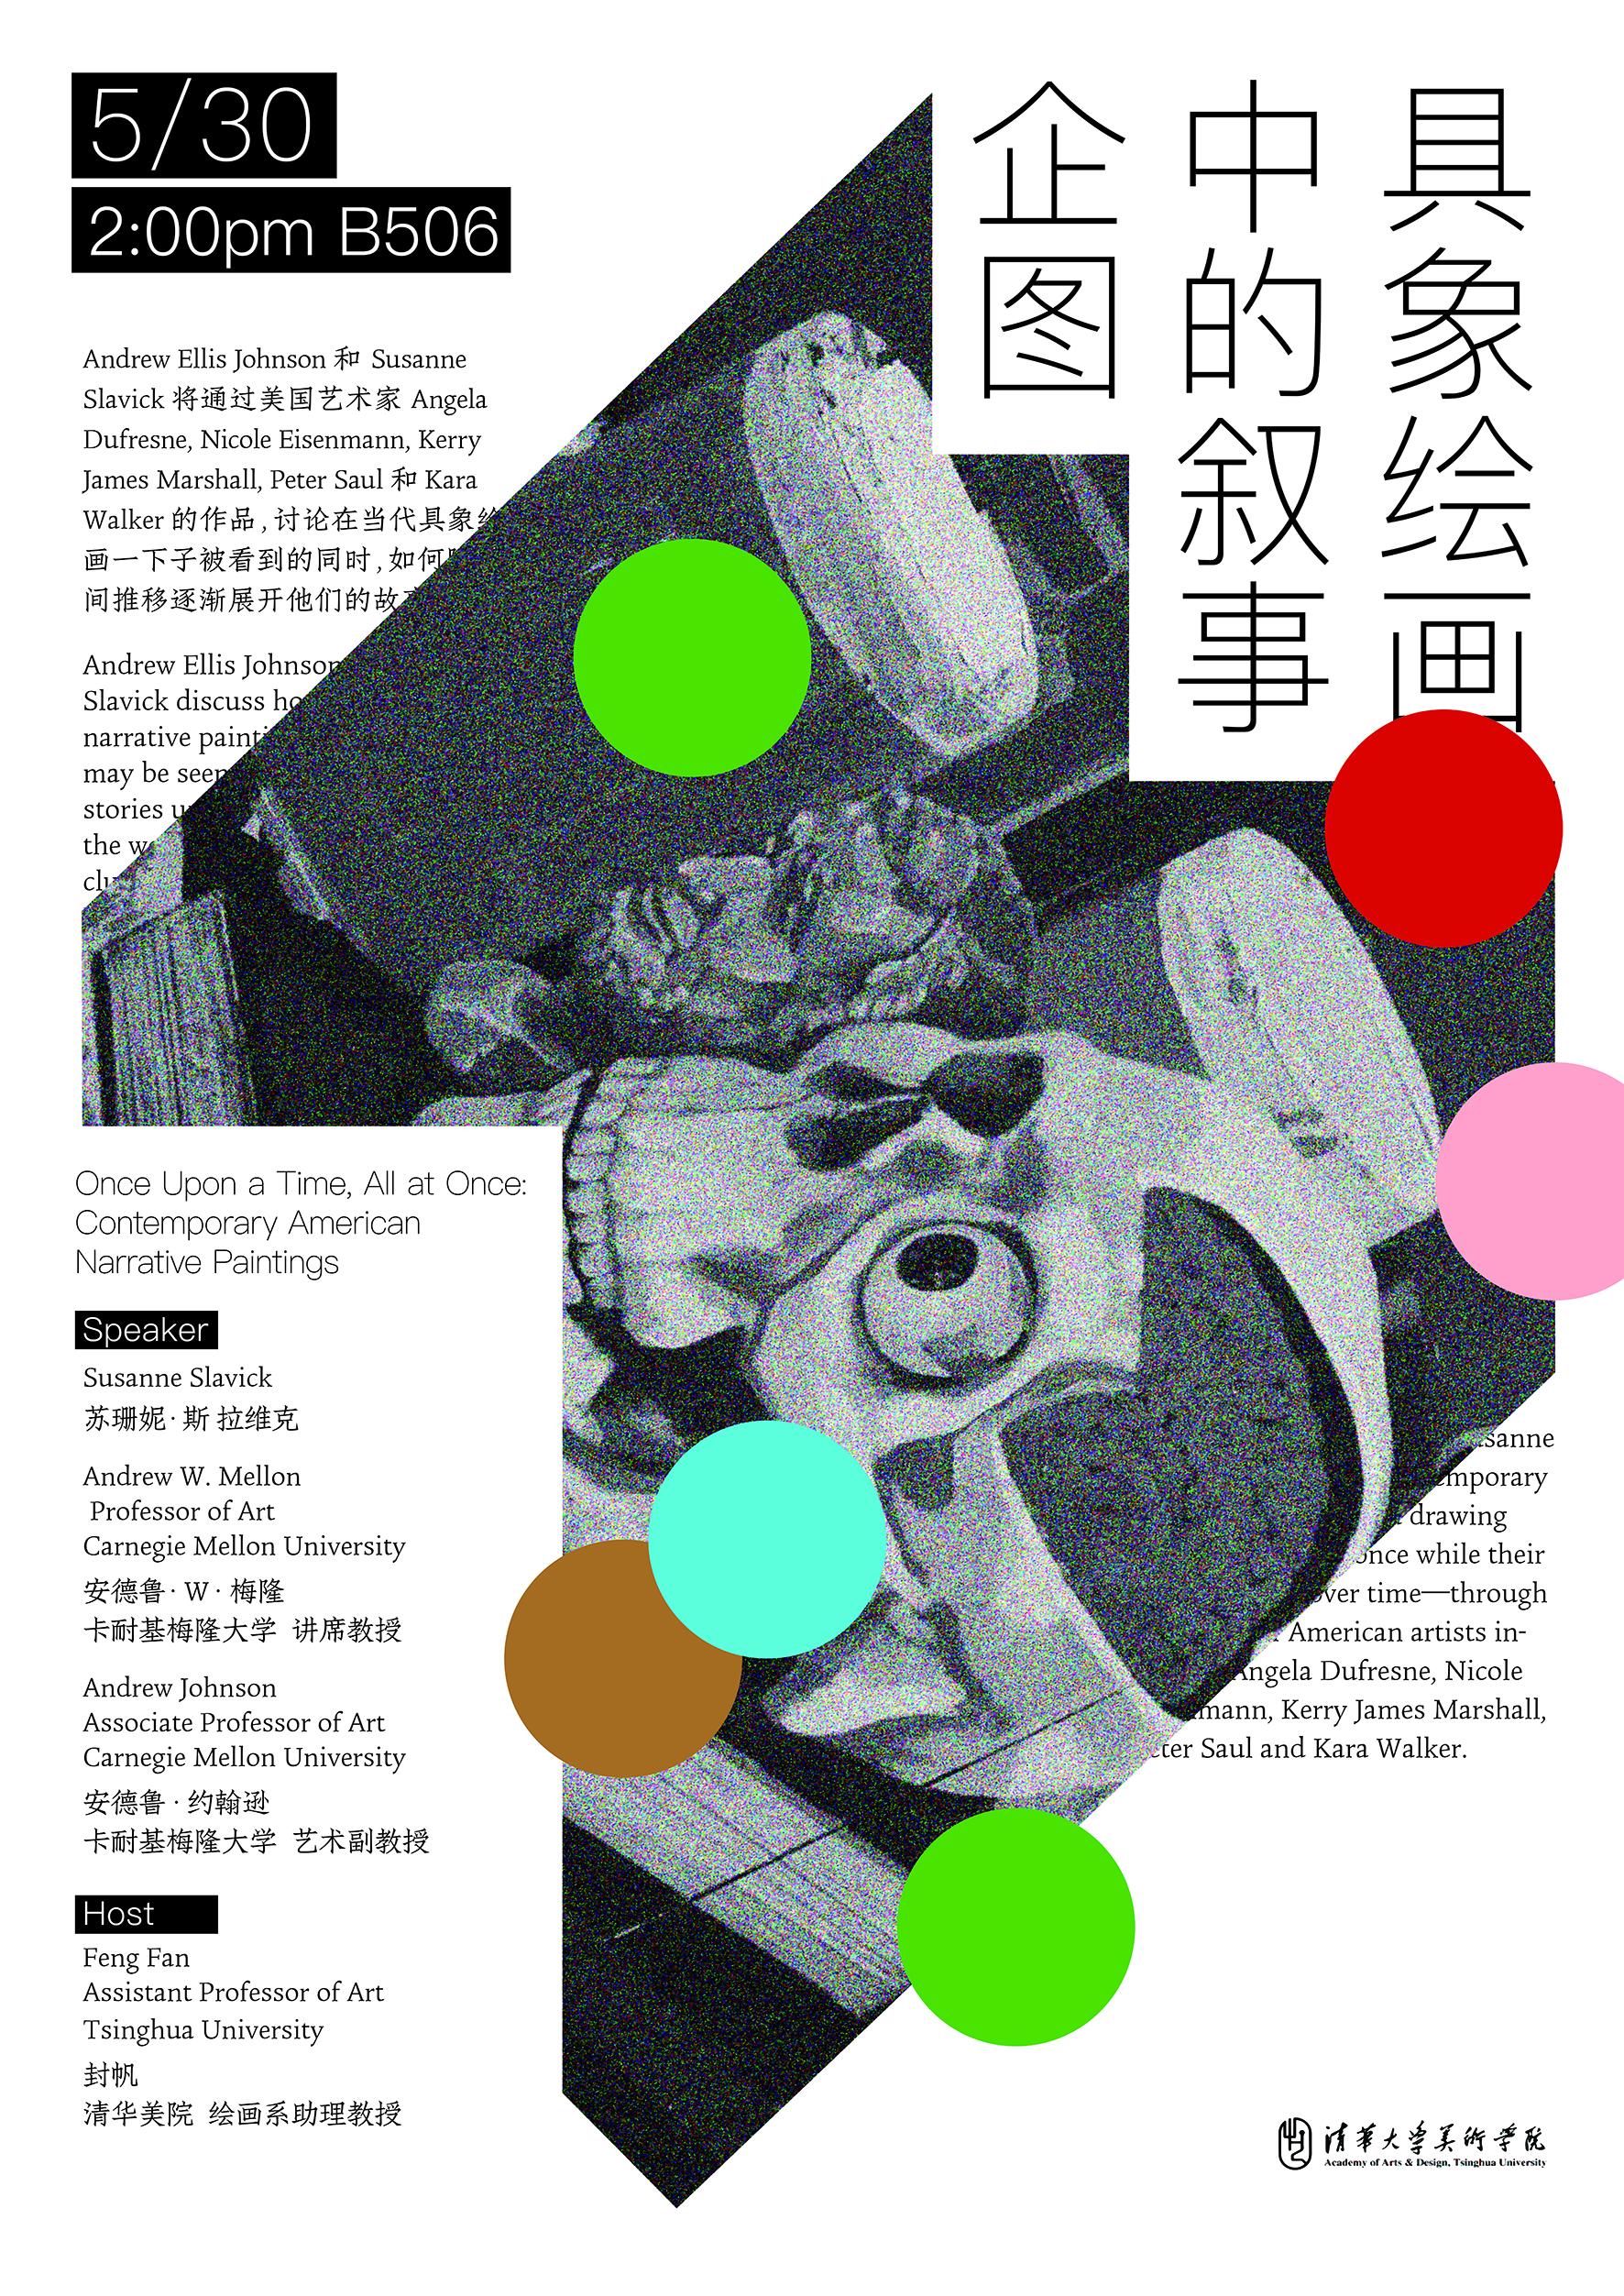 Poster-Tsinghua.jpg